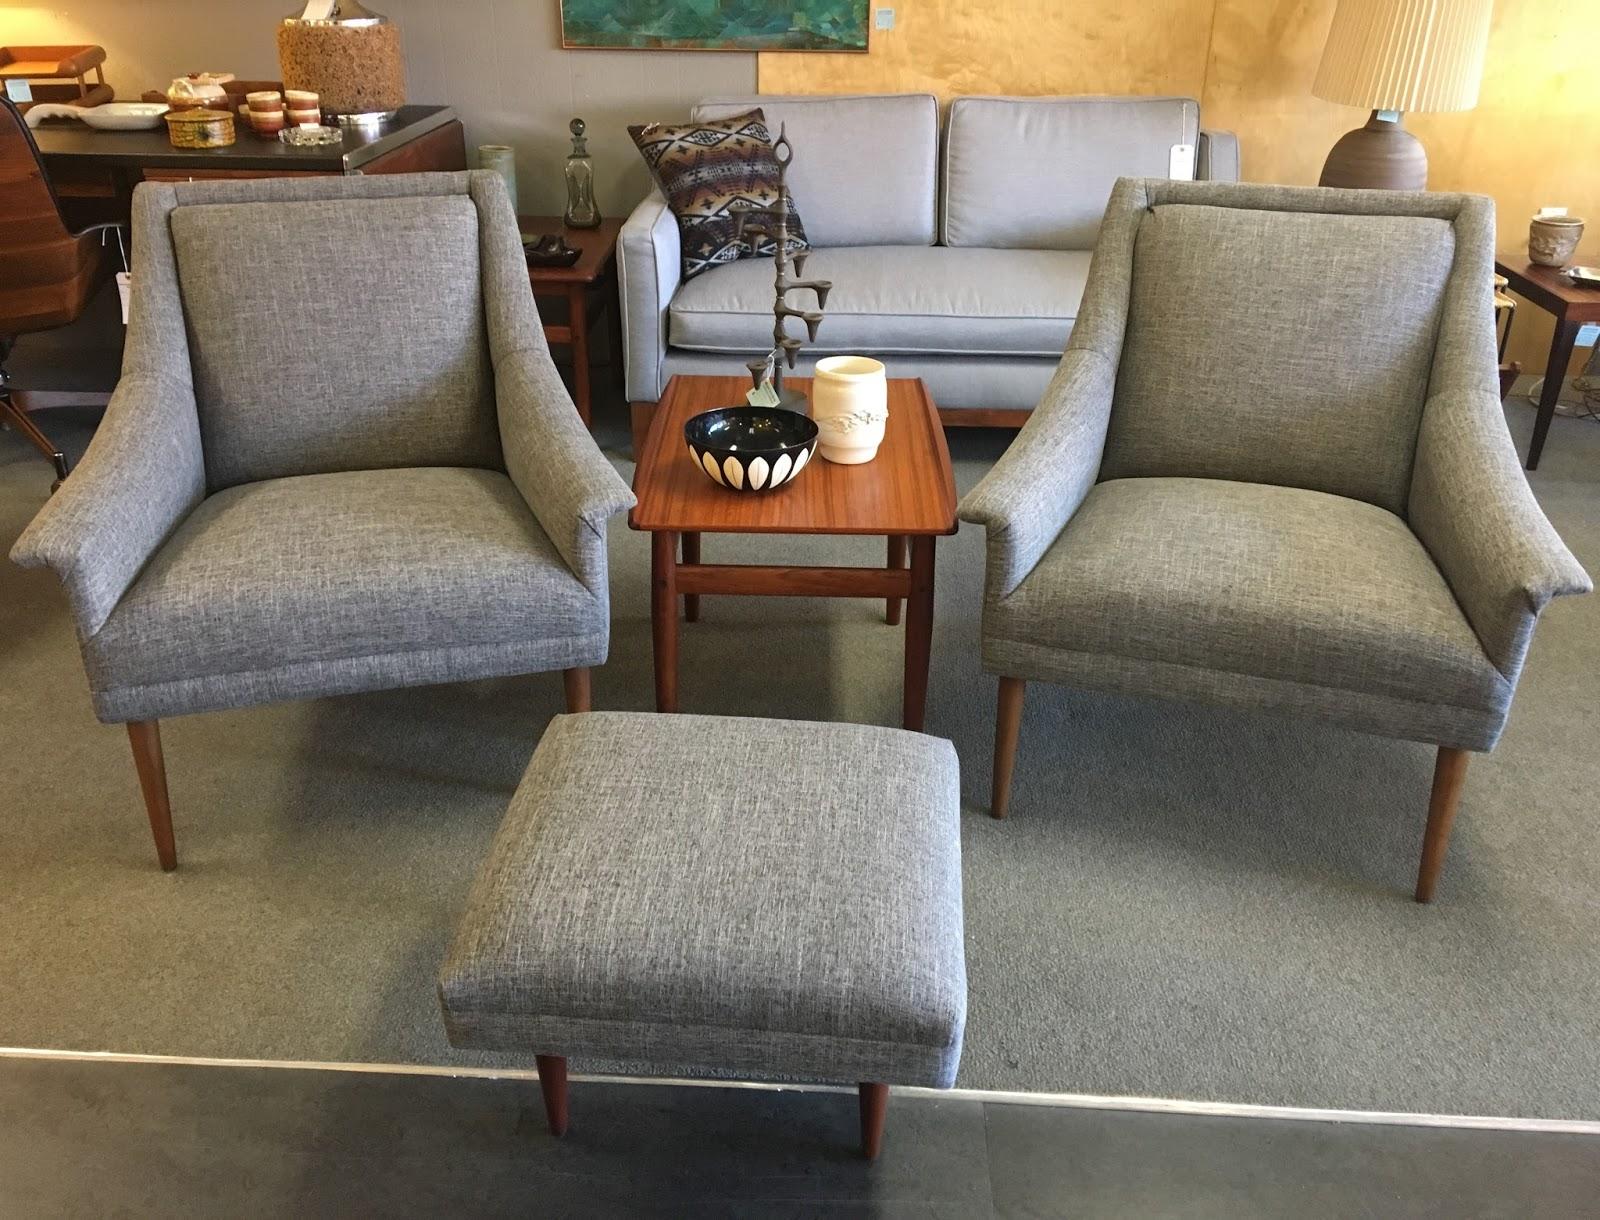 Dansk Sofa Design Stunning Strste Mogens Hansen Studie Hos Juhls  # Muebles Mato Sofas